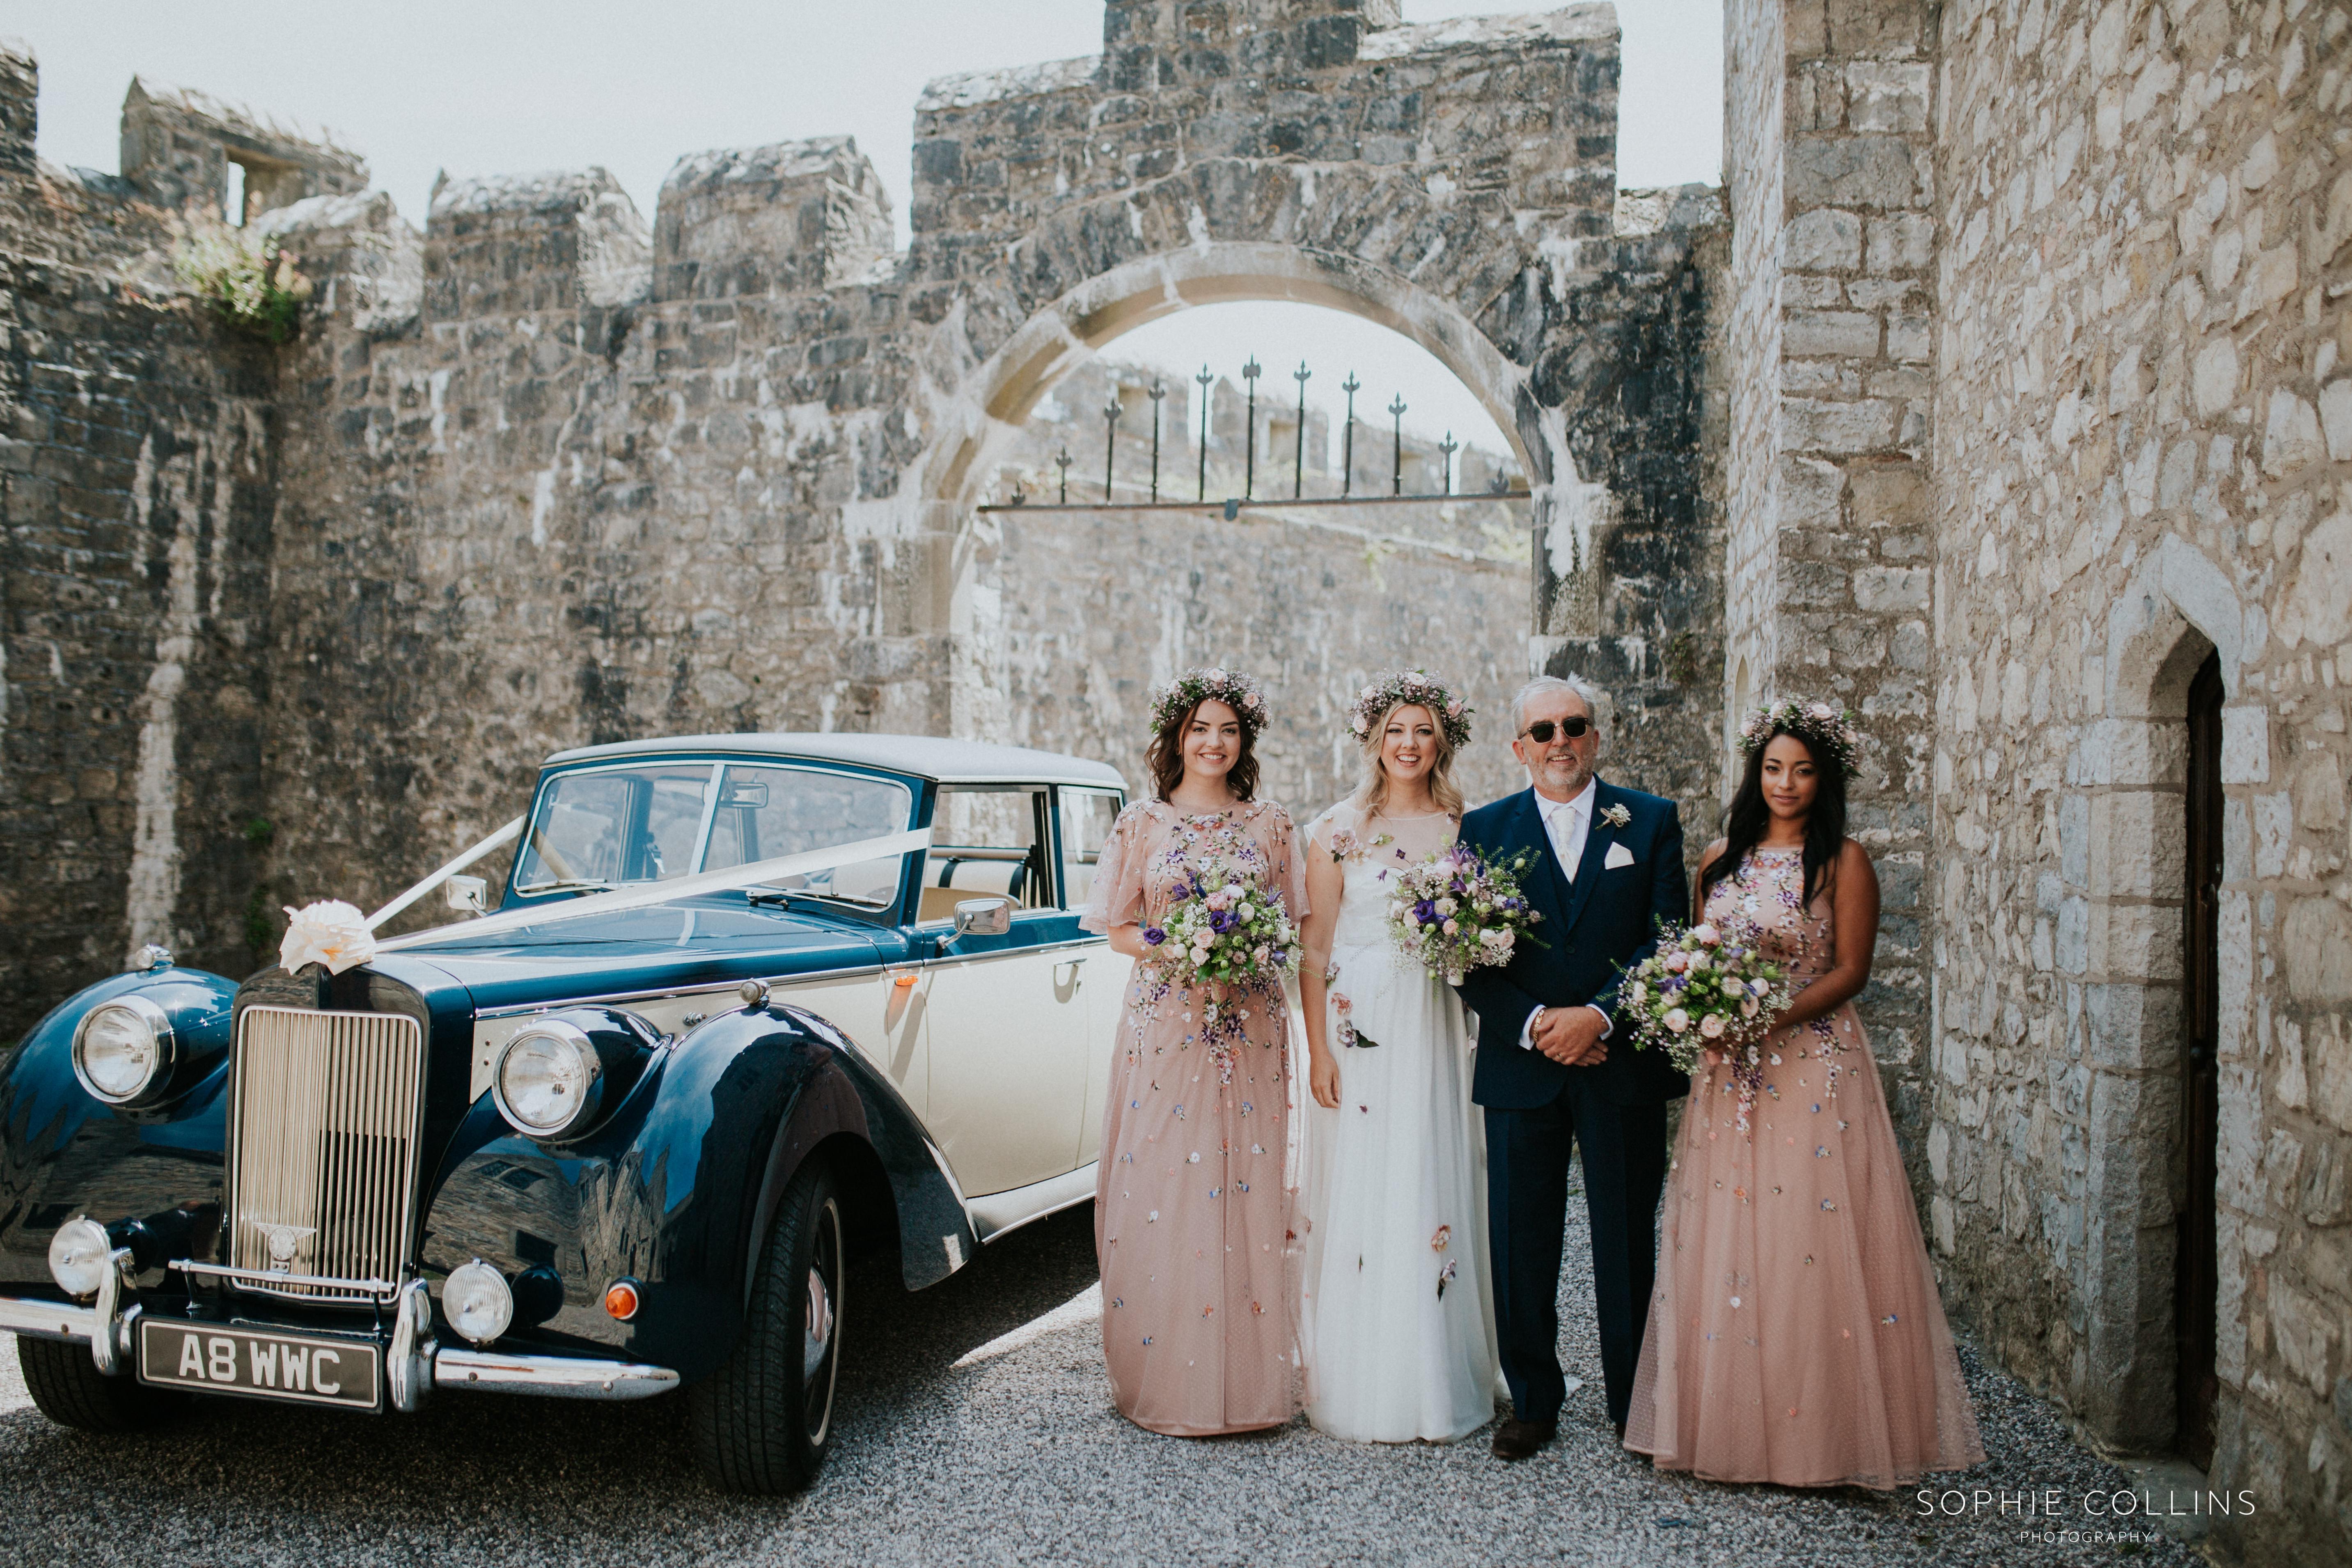 bride, dad and bridesmaids